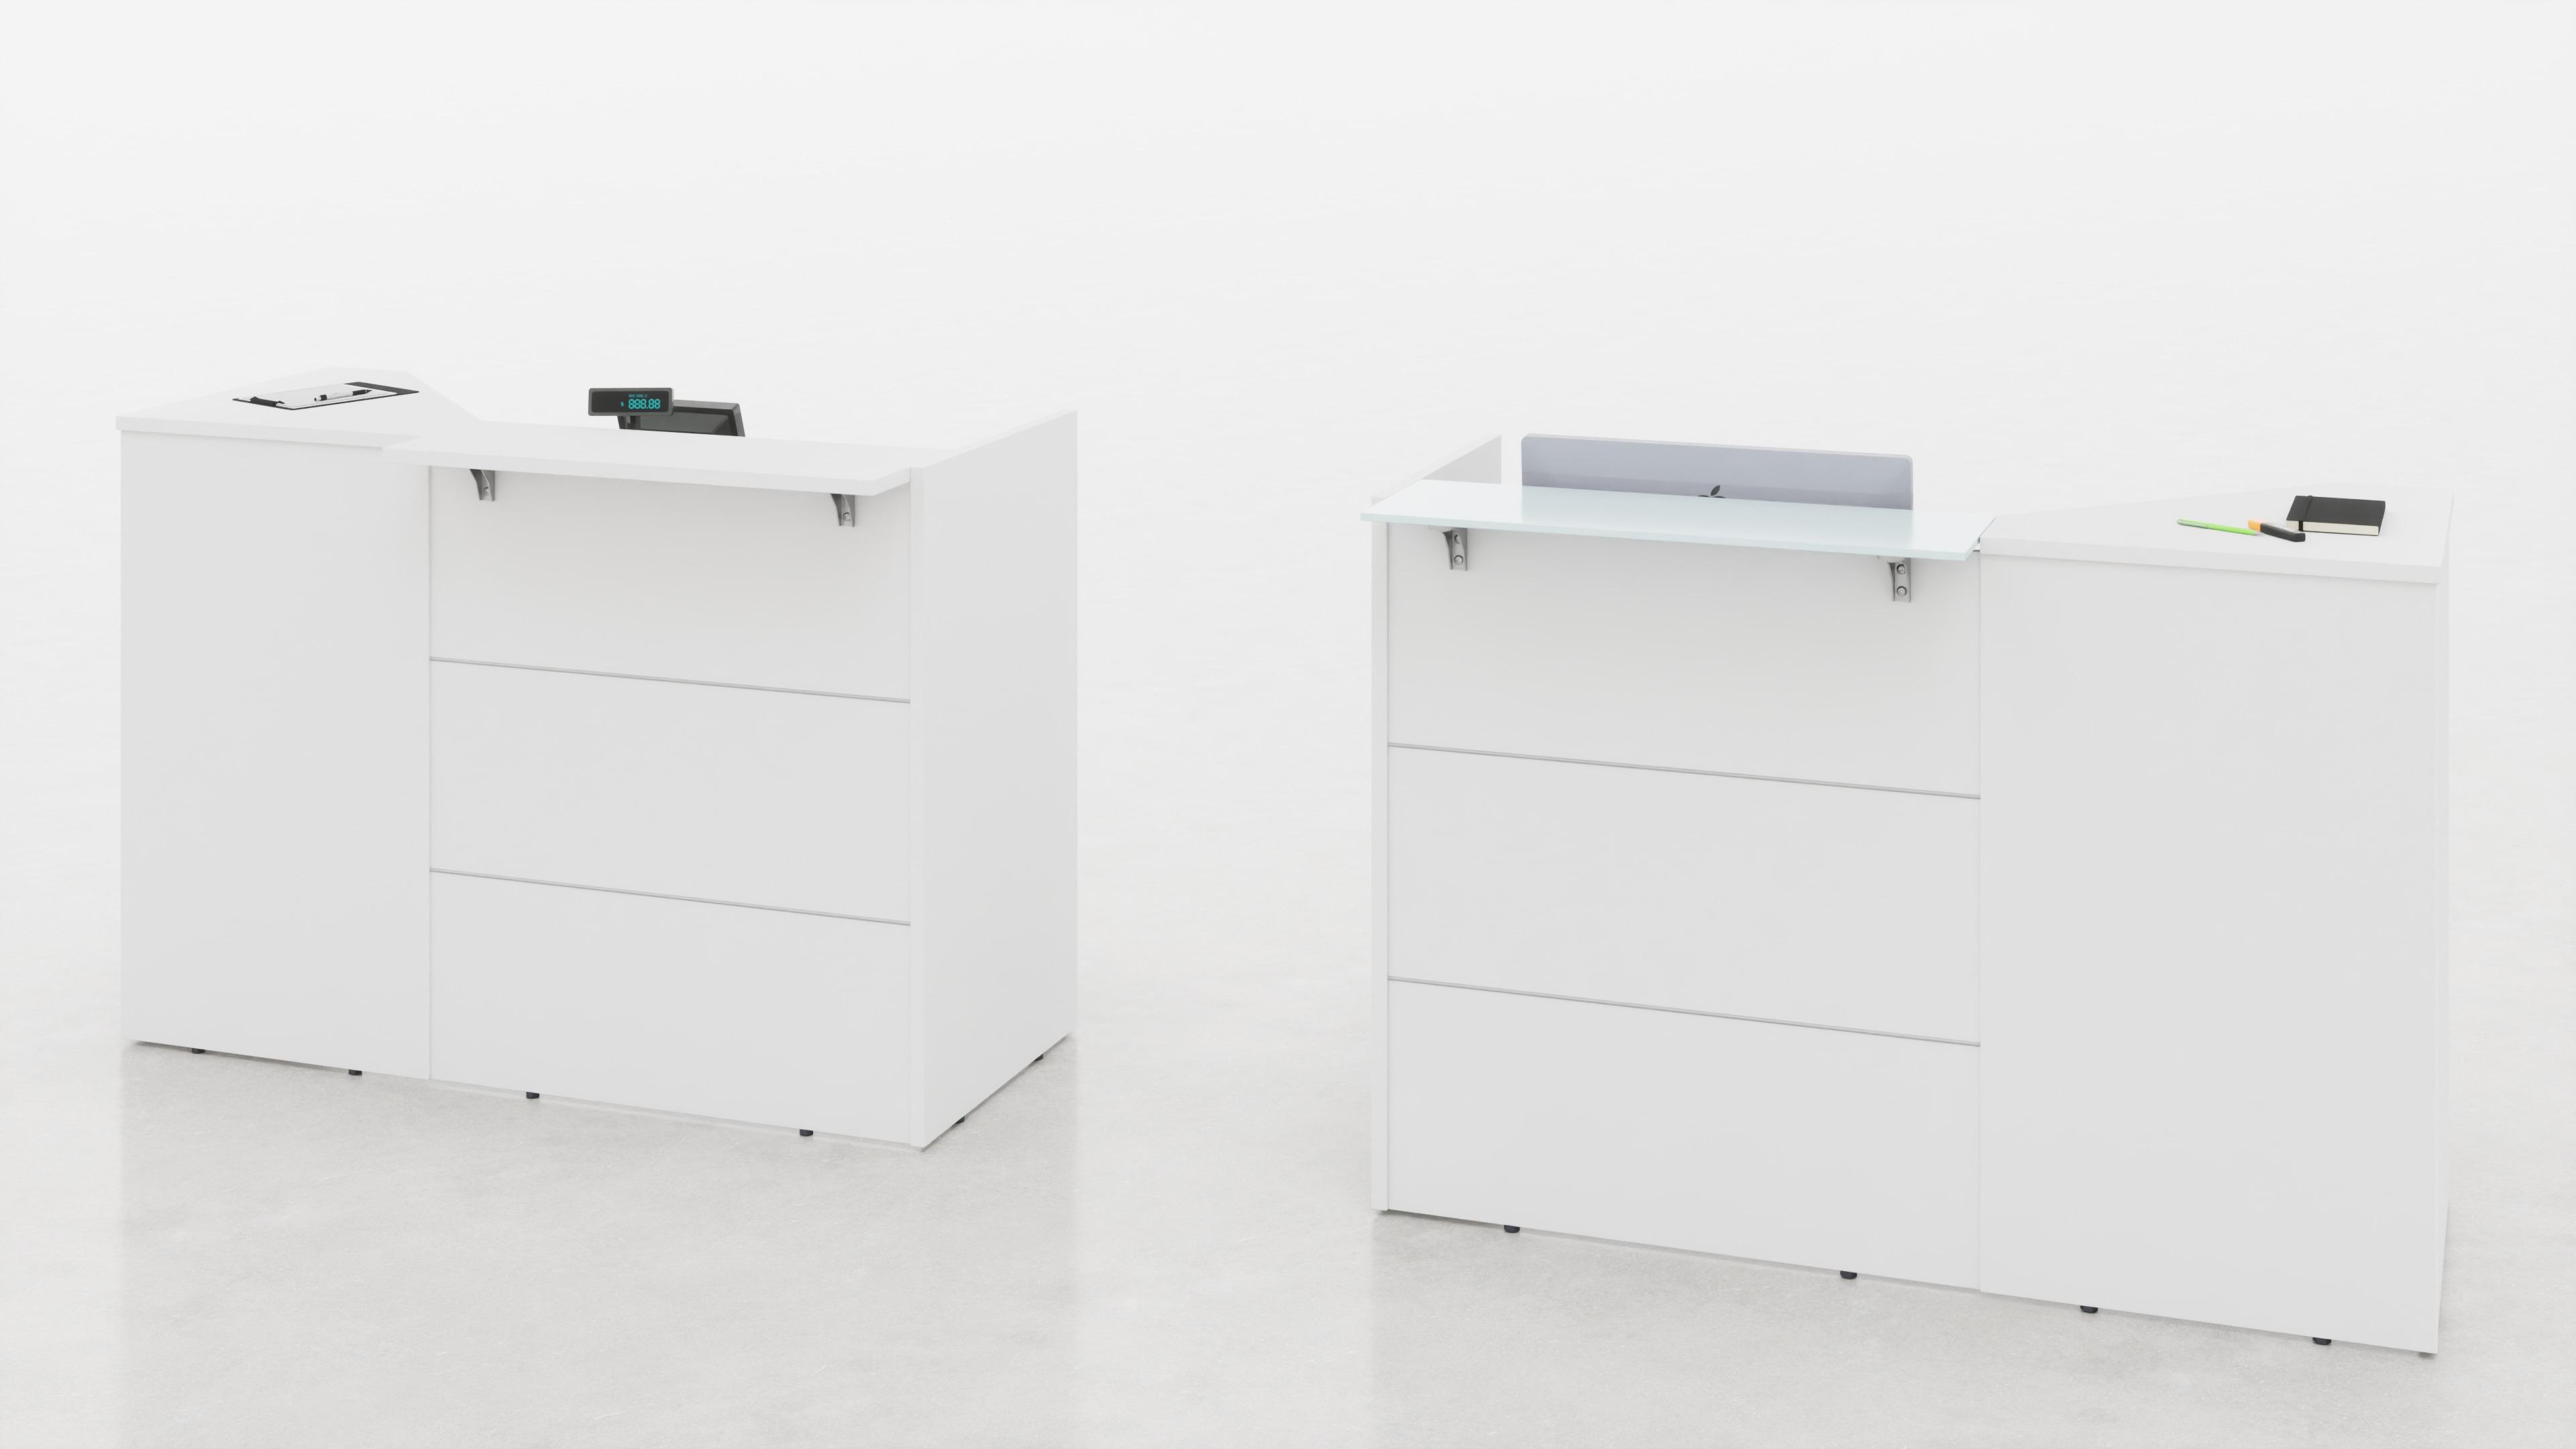 Reception angolare con top mensola legno o vetro L.155, 7